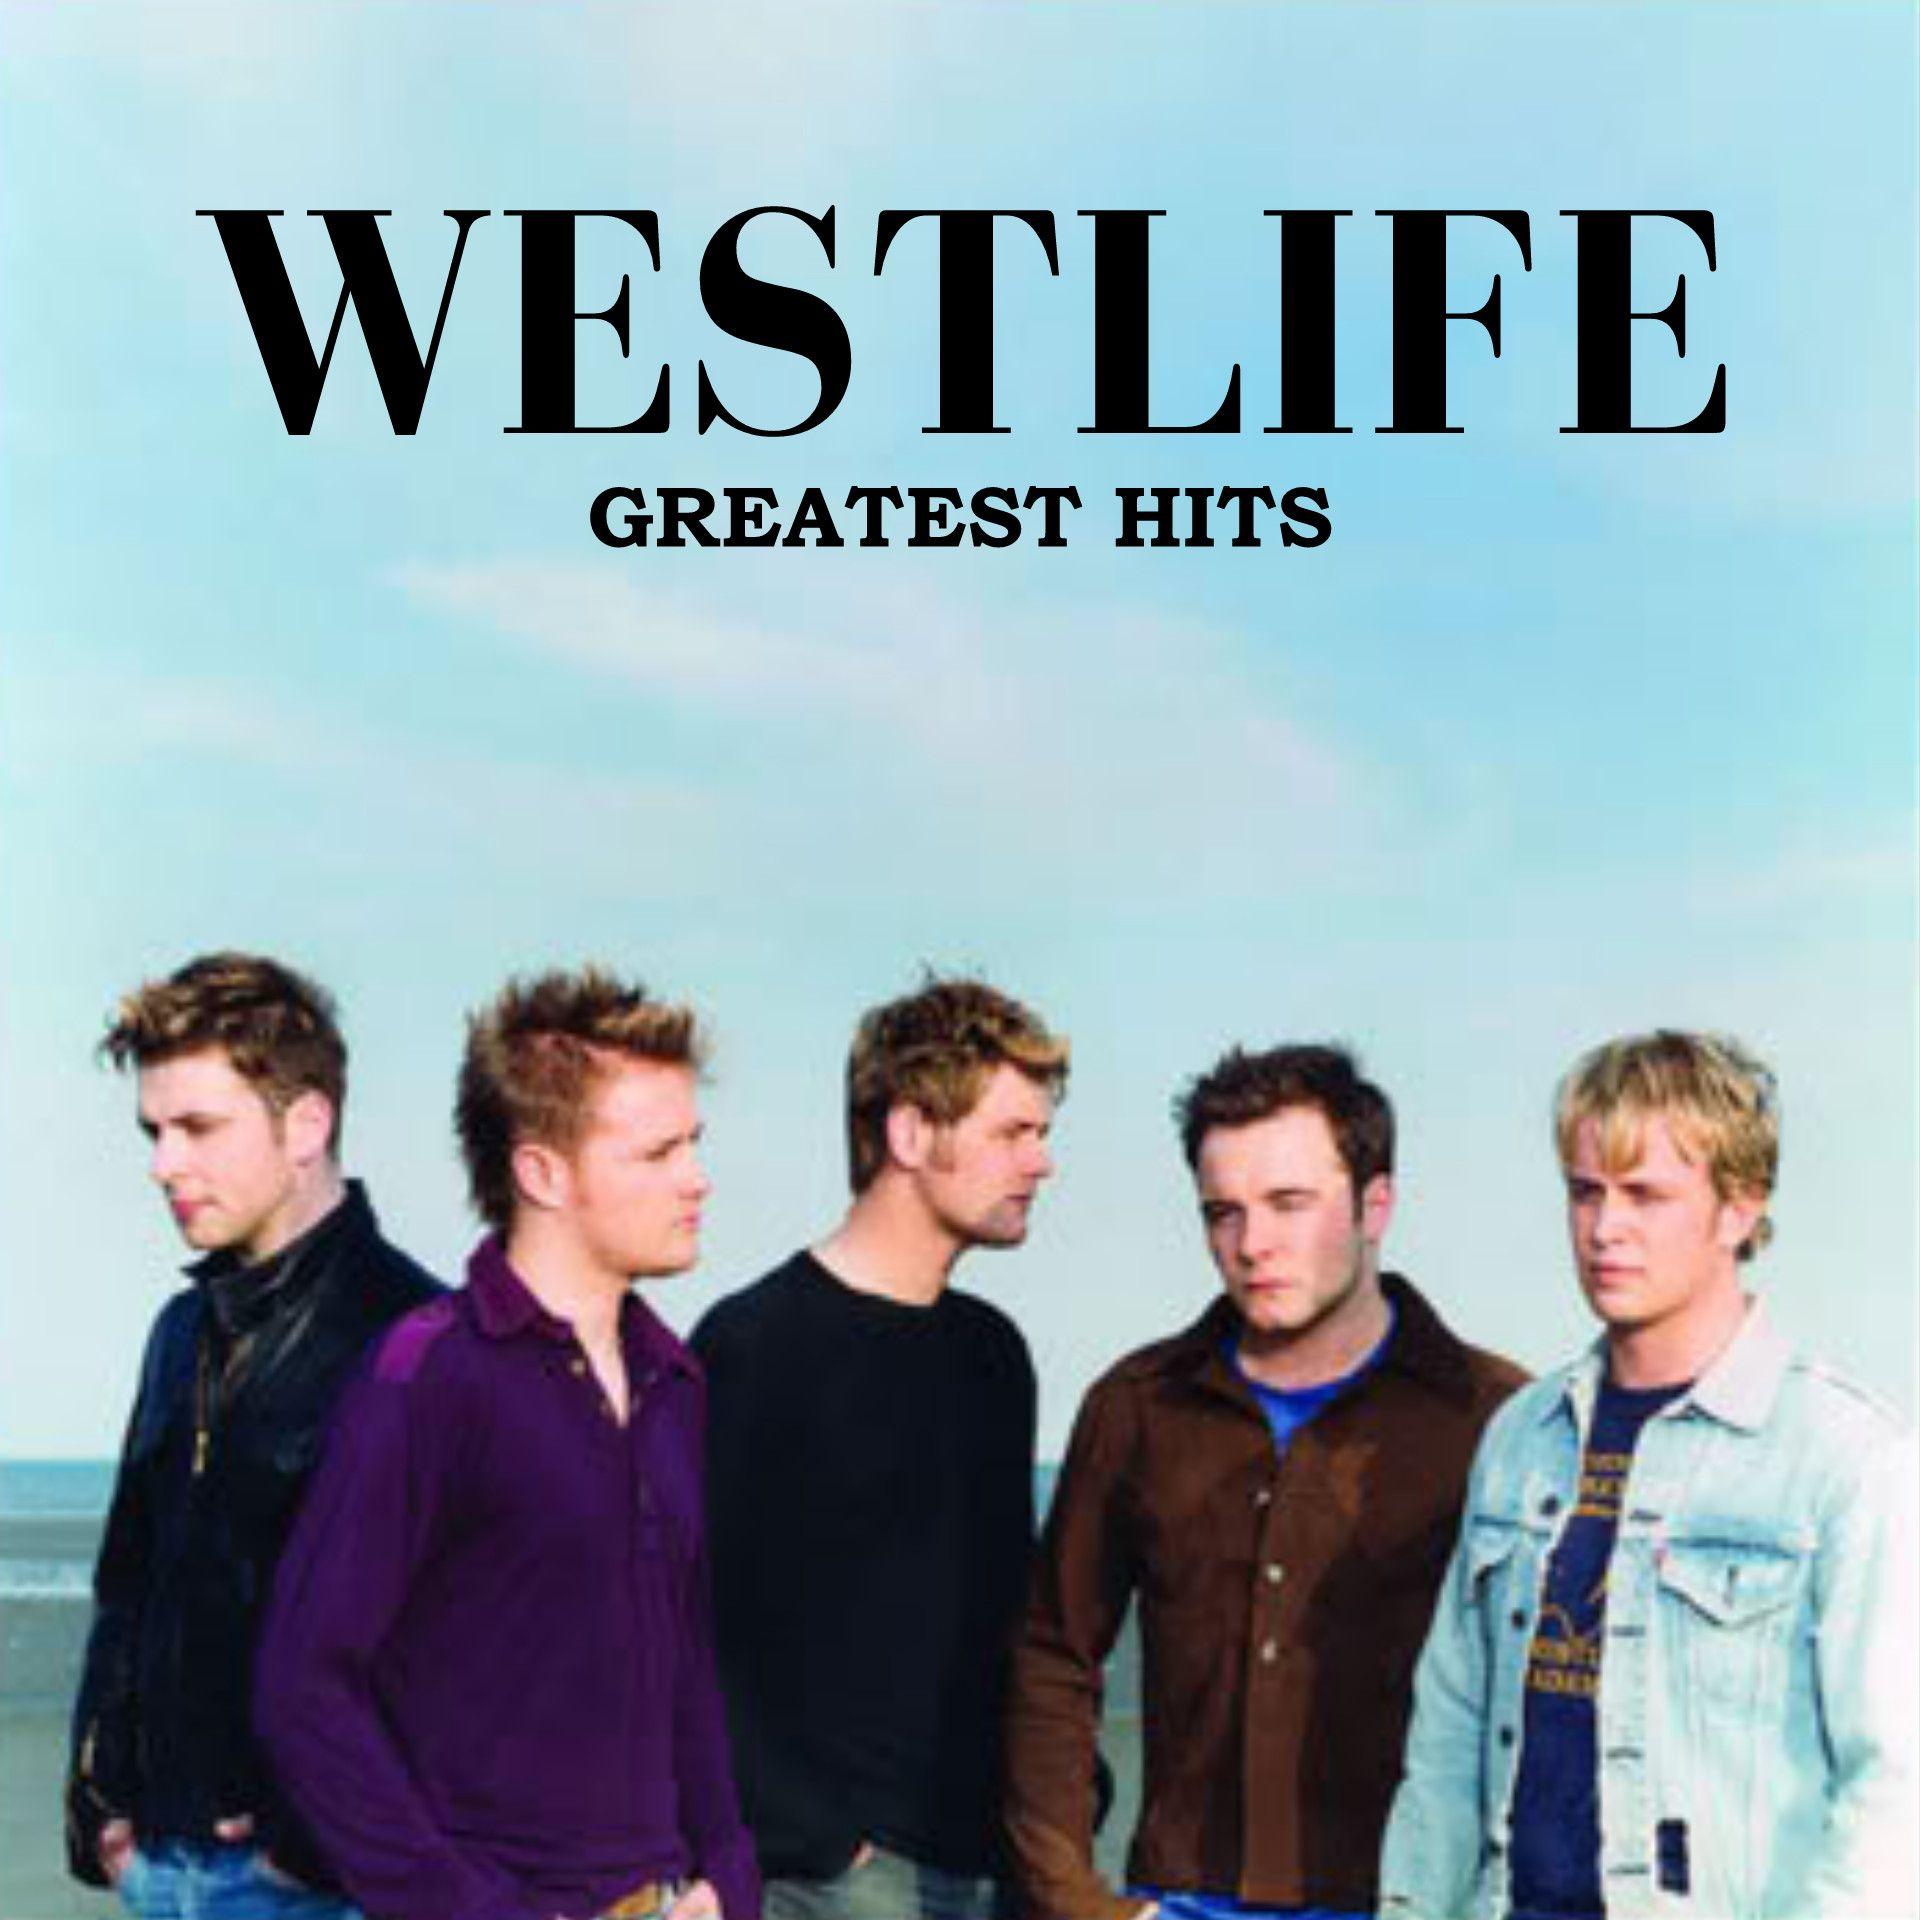 Westlife - Greatest Hits (Fan Made) #Westlife | WESTLIFE ...